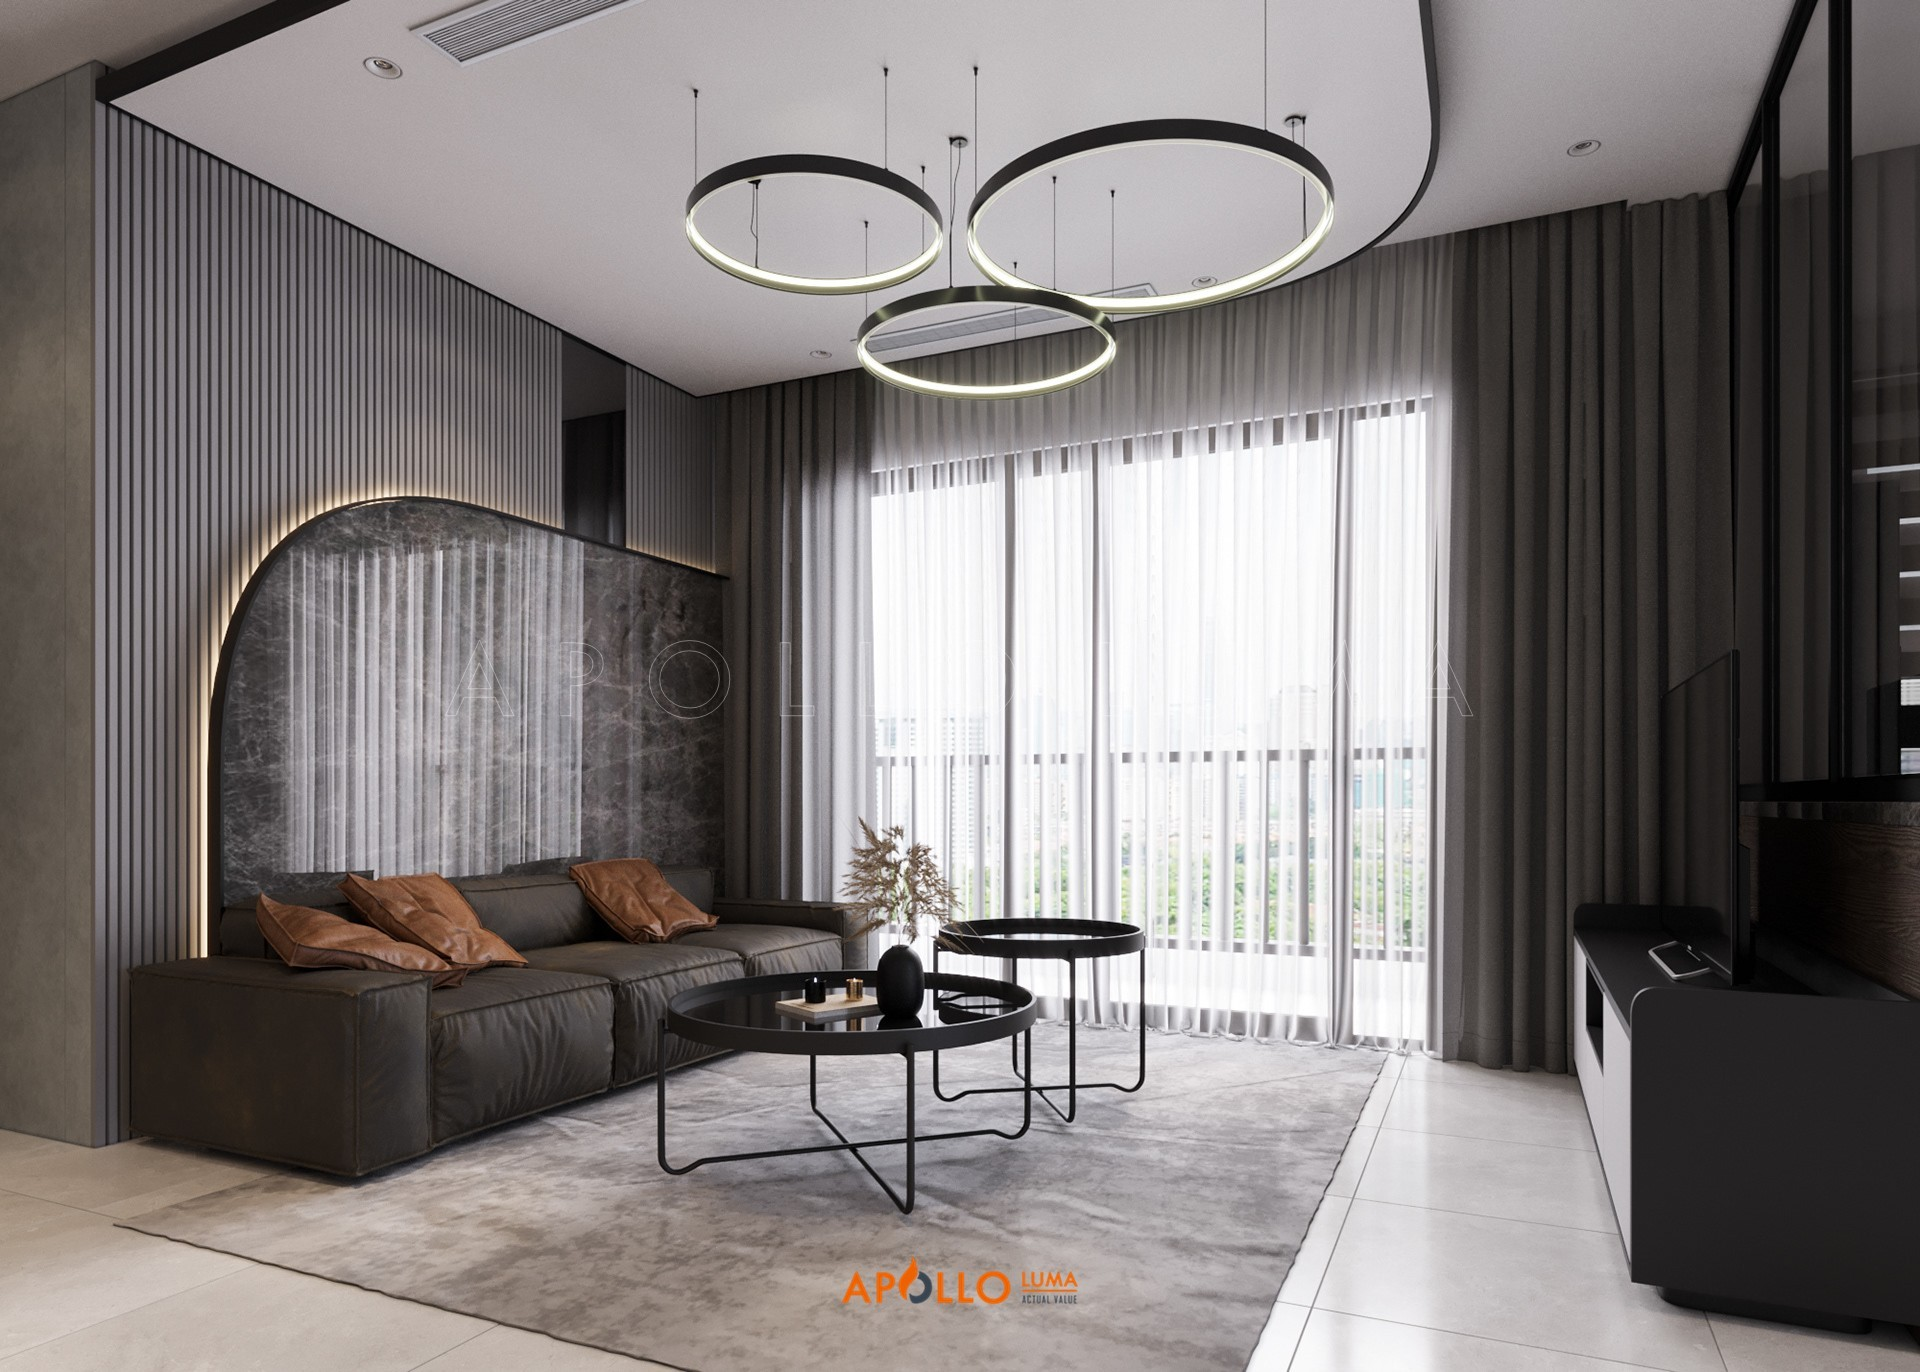 Thiết kế nội thất căn 3PN (80m2) S3.03-15A Vinhomes Smart City Tây Mỗ